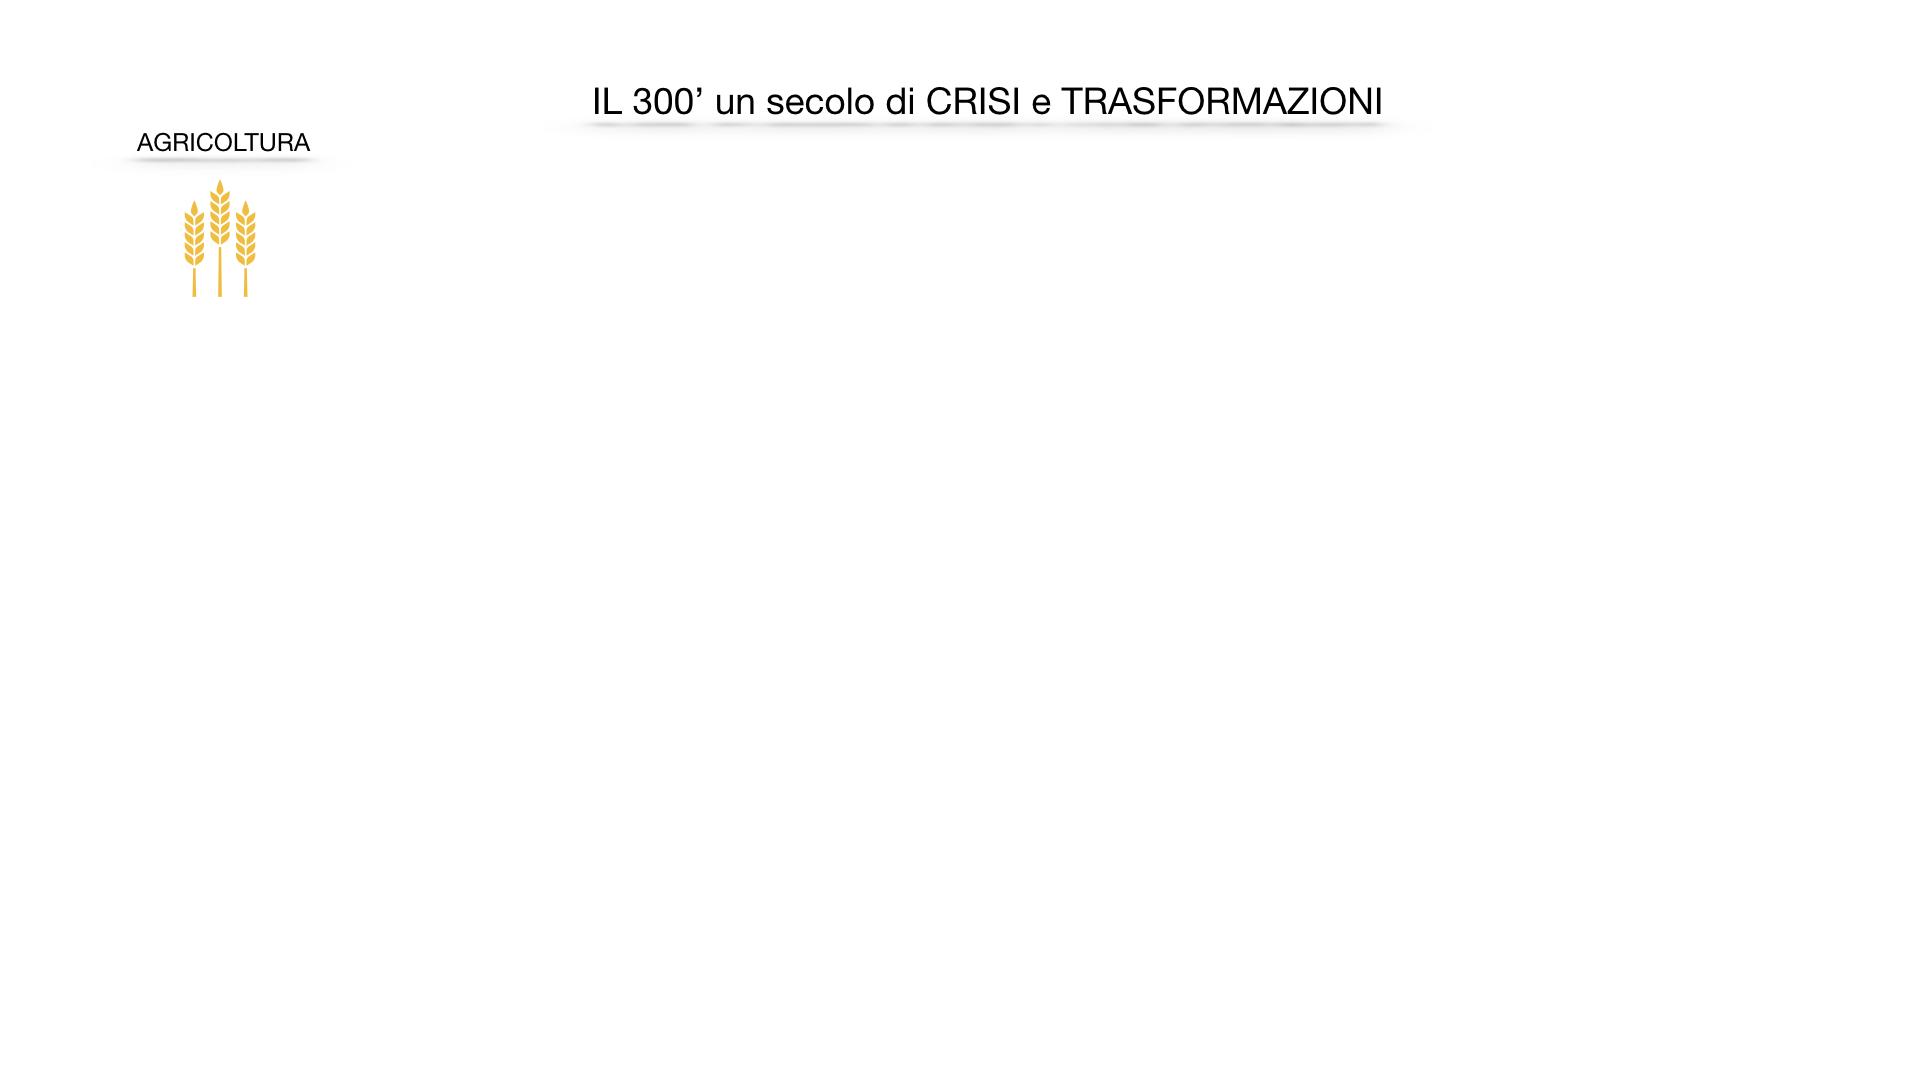 il 300 crisi e trasformazioni_ SIMULAZIONE.002